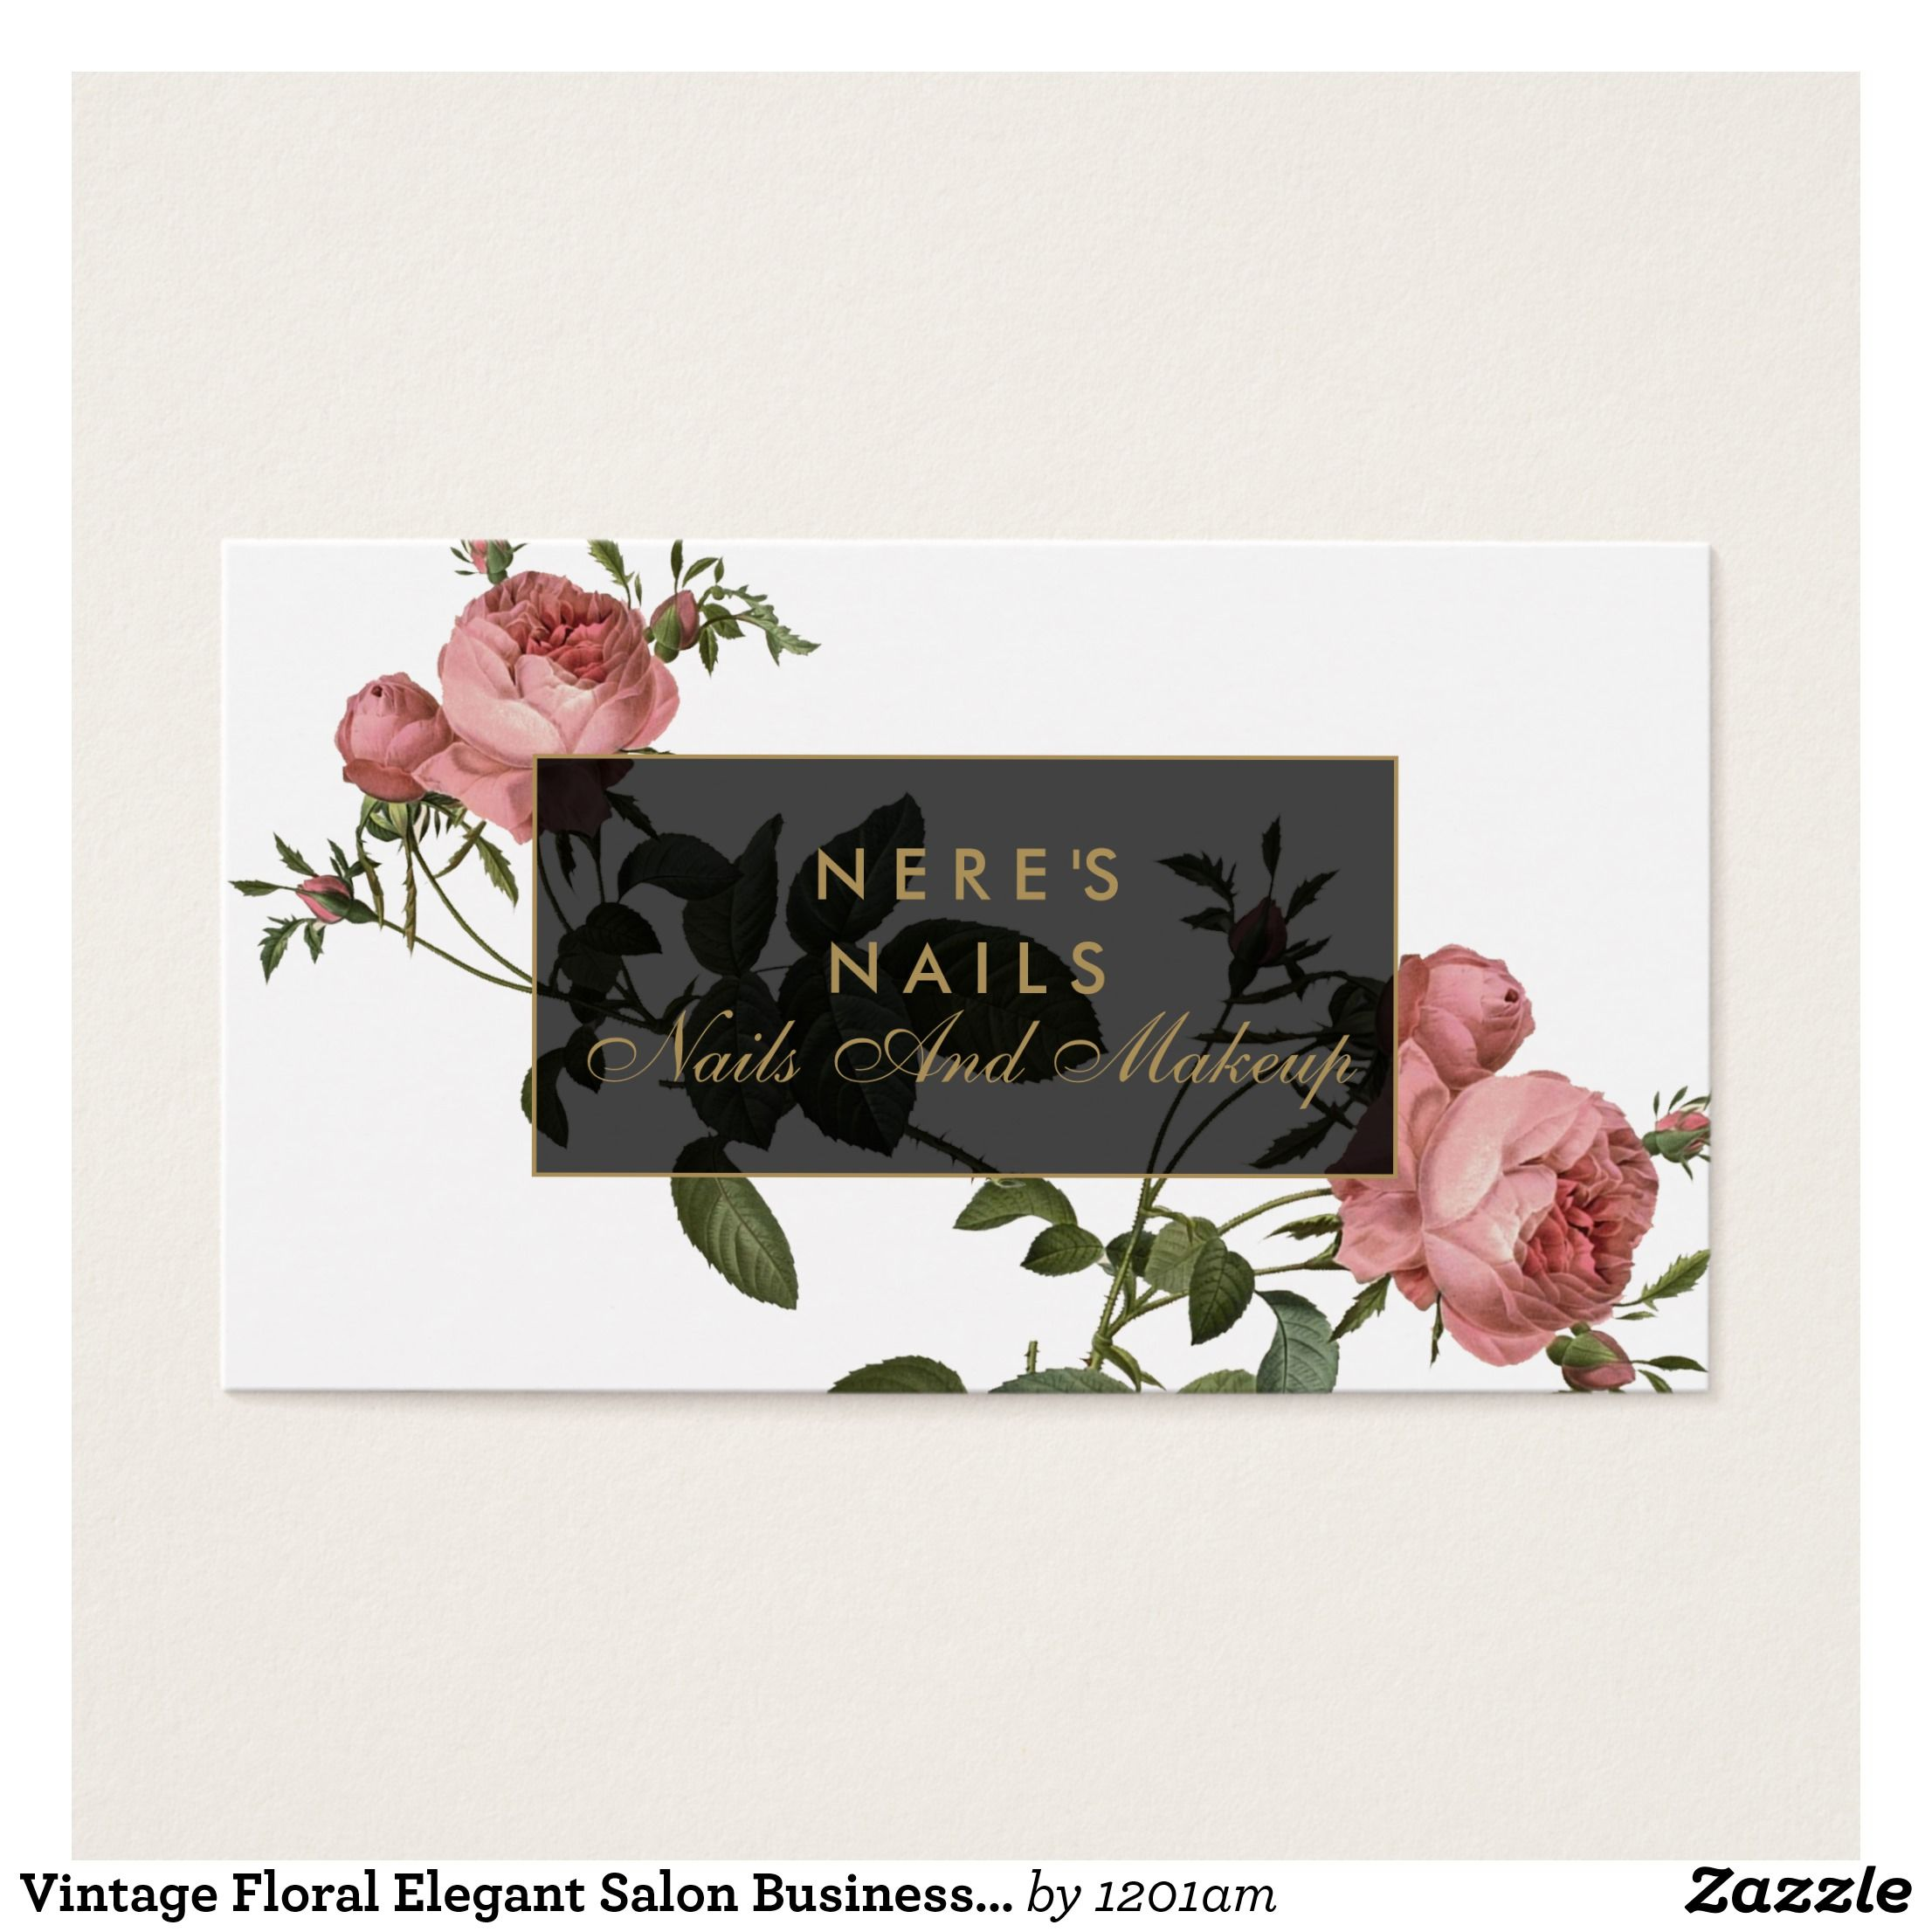 Vintage Floral Elegant Salon Business Card | Vintage floral ...